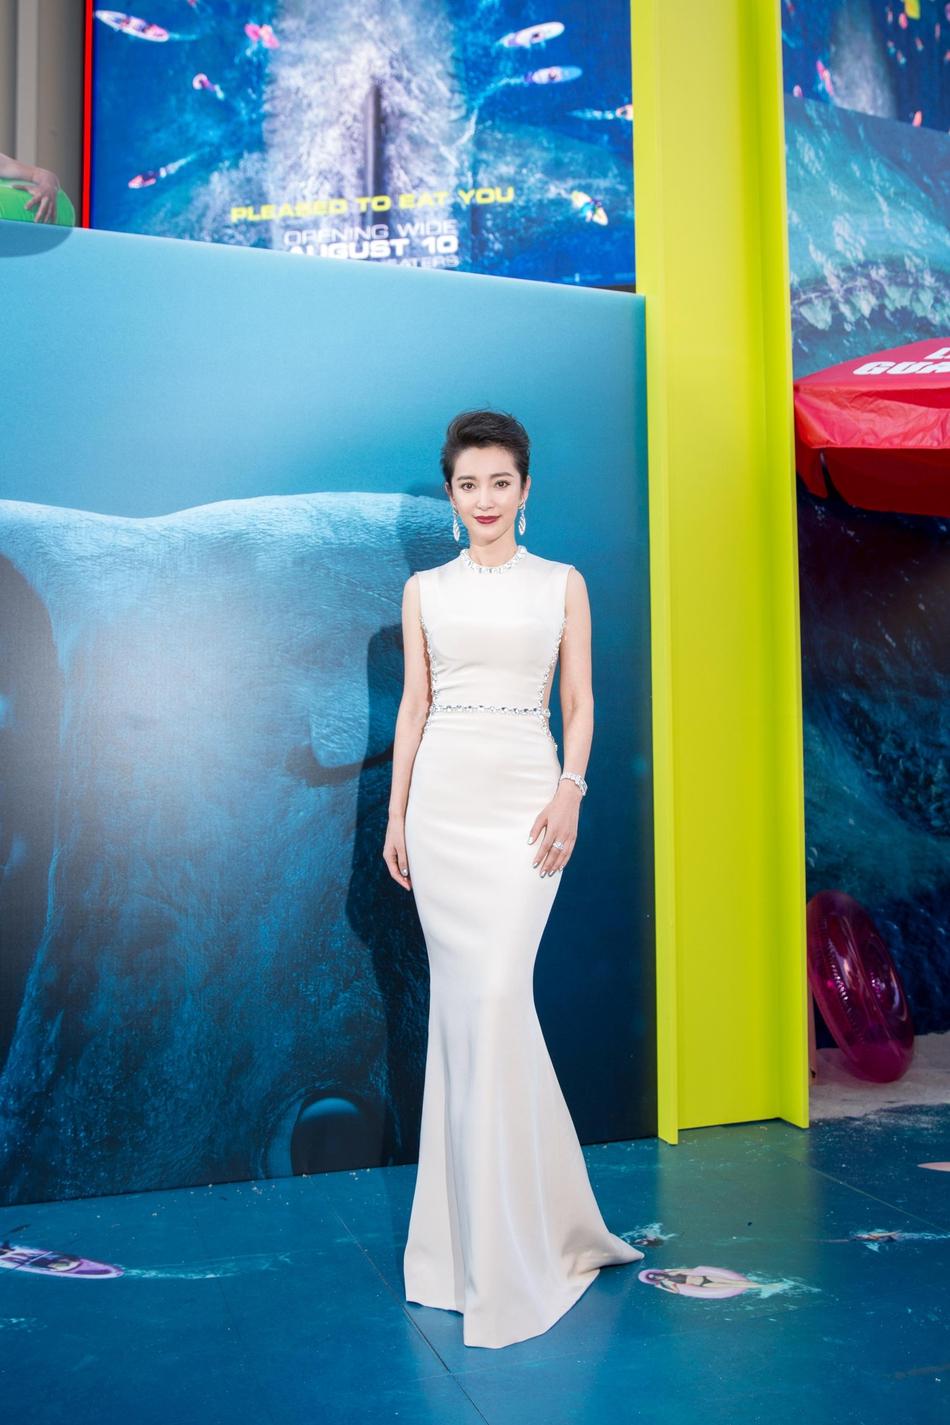 李冰冰亮相《巨齿鲨》美国首映 曳地礼服优雅端庄